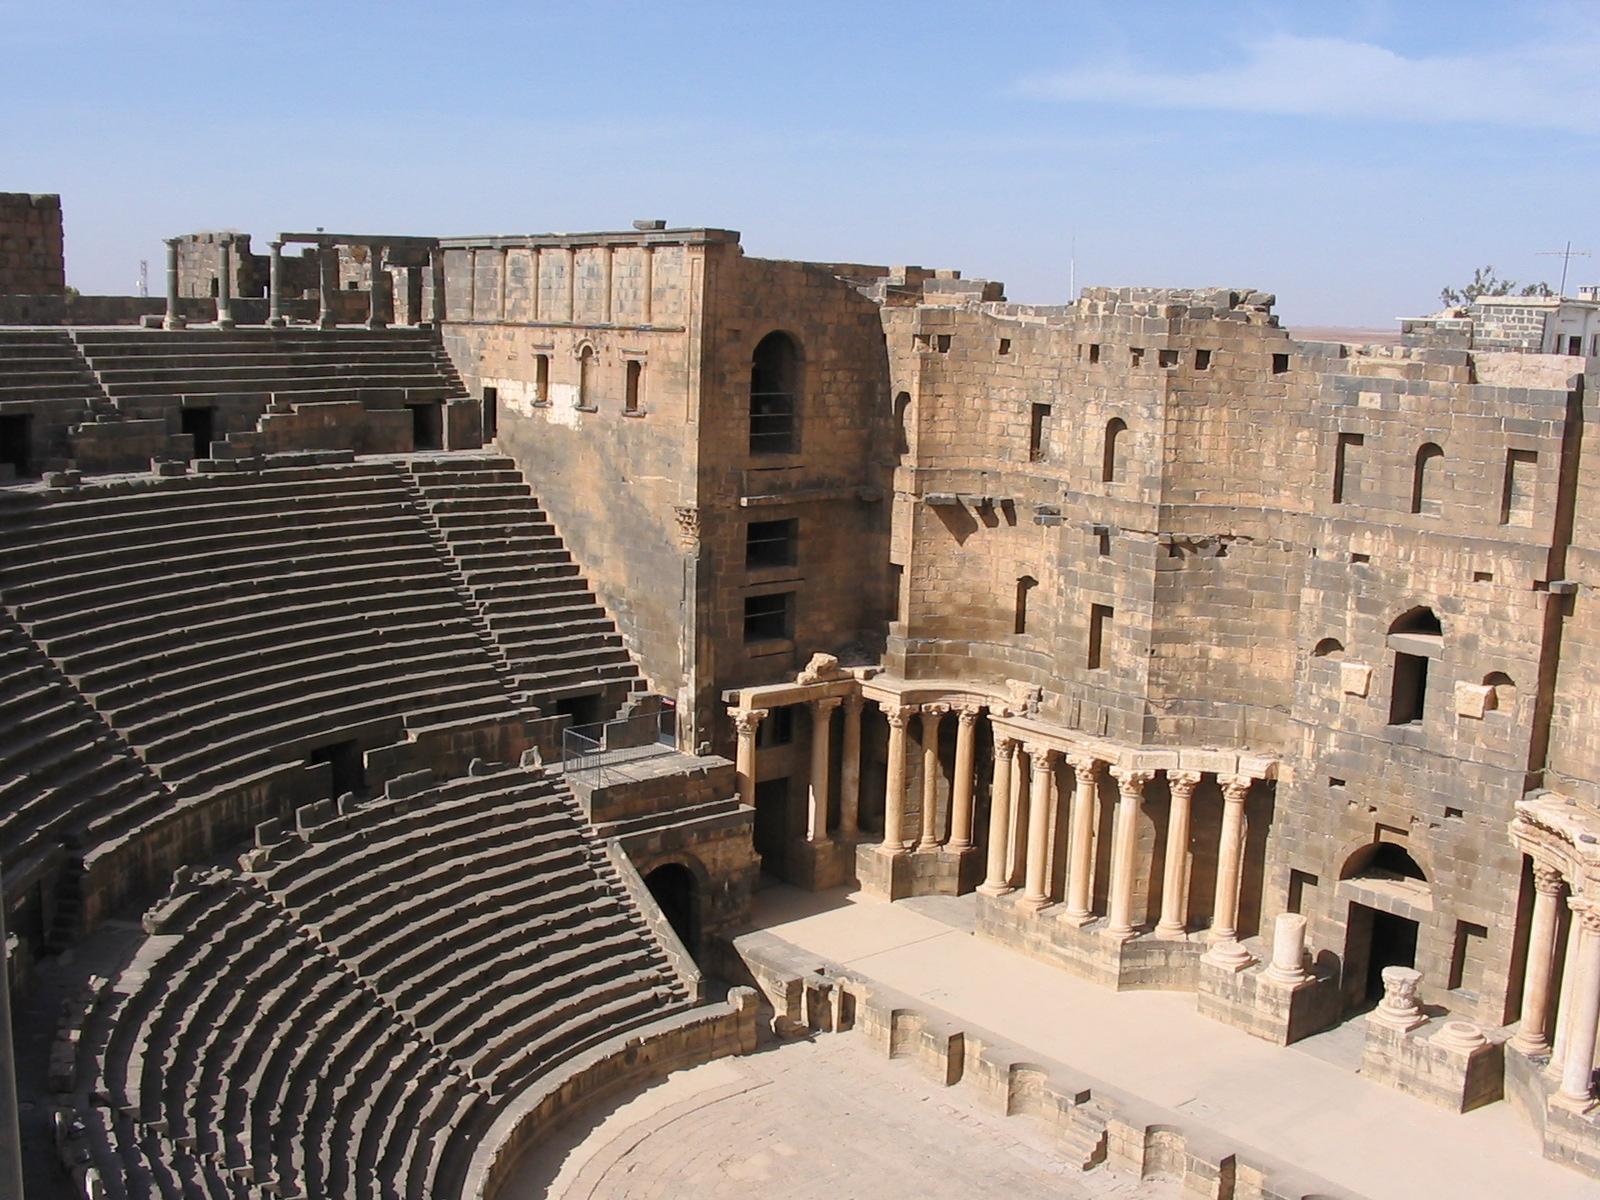 التعريف بسوريا كبلد سياحي المعلومات Syria_bosra_theater.jpg